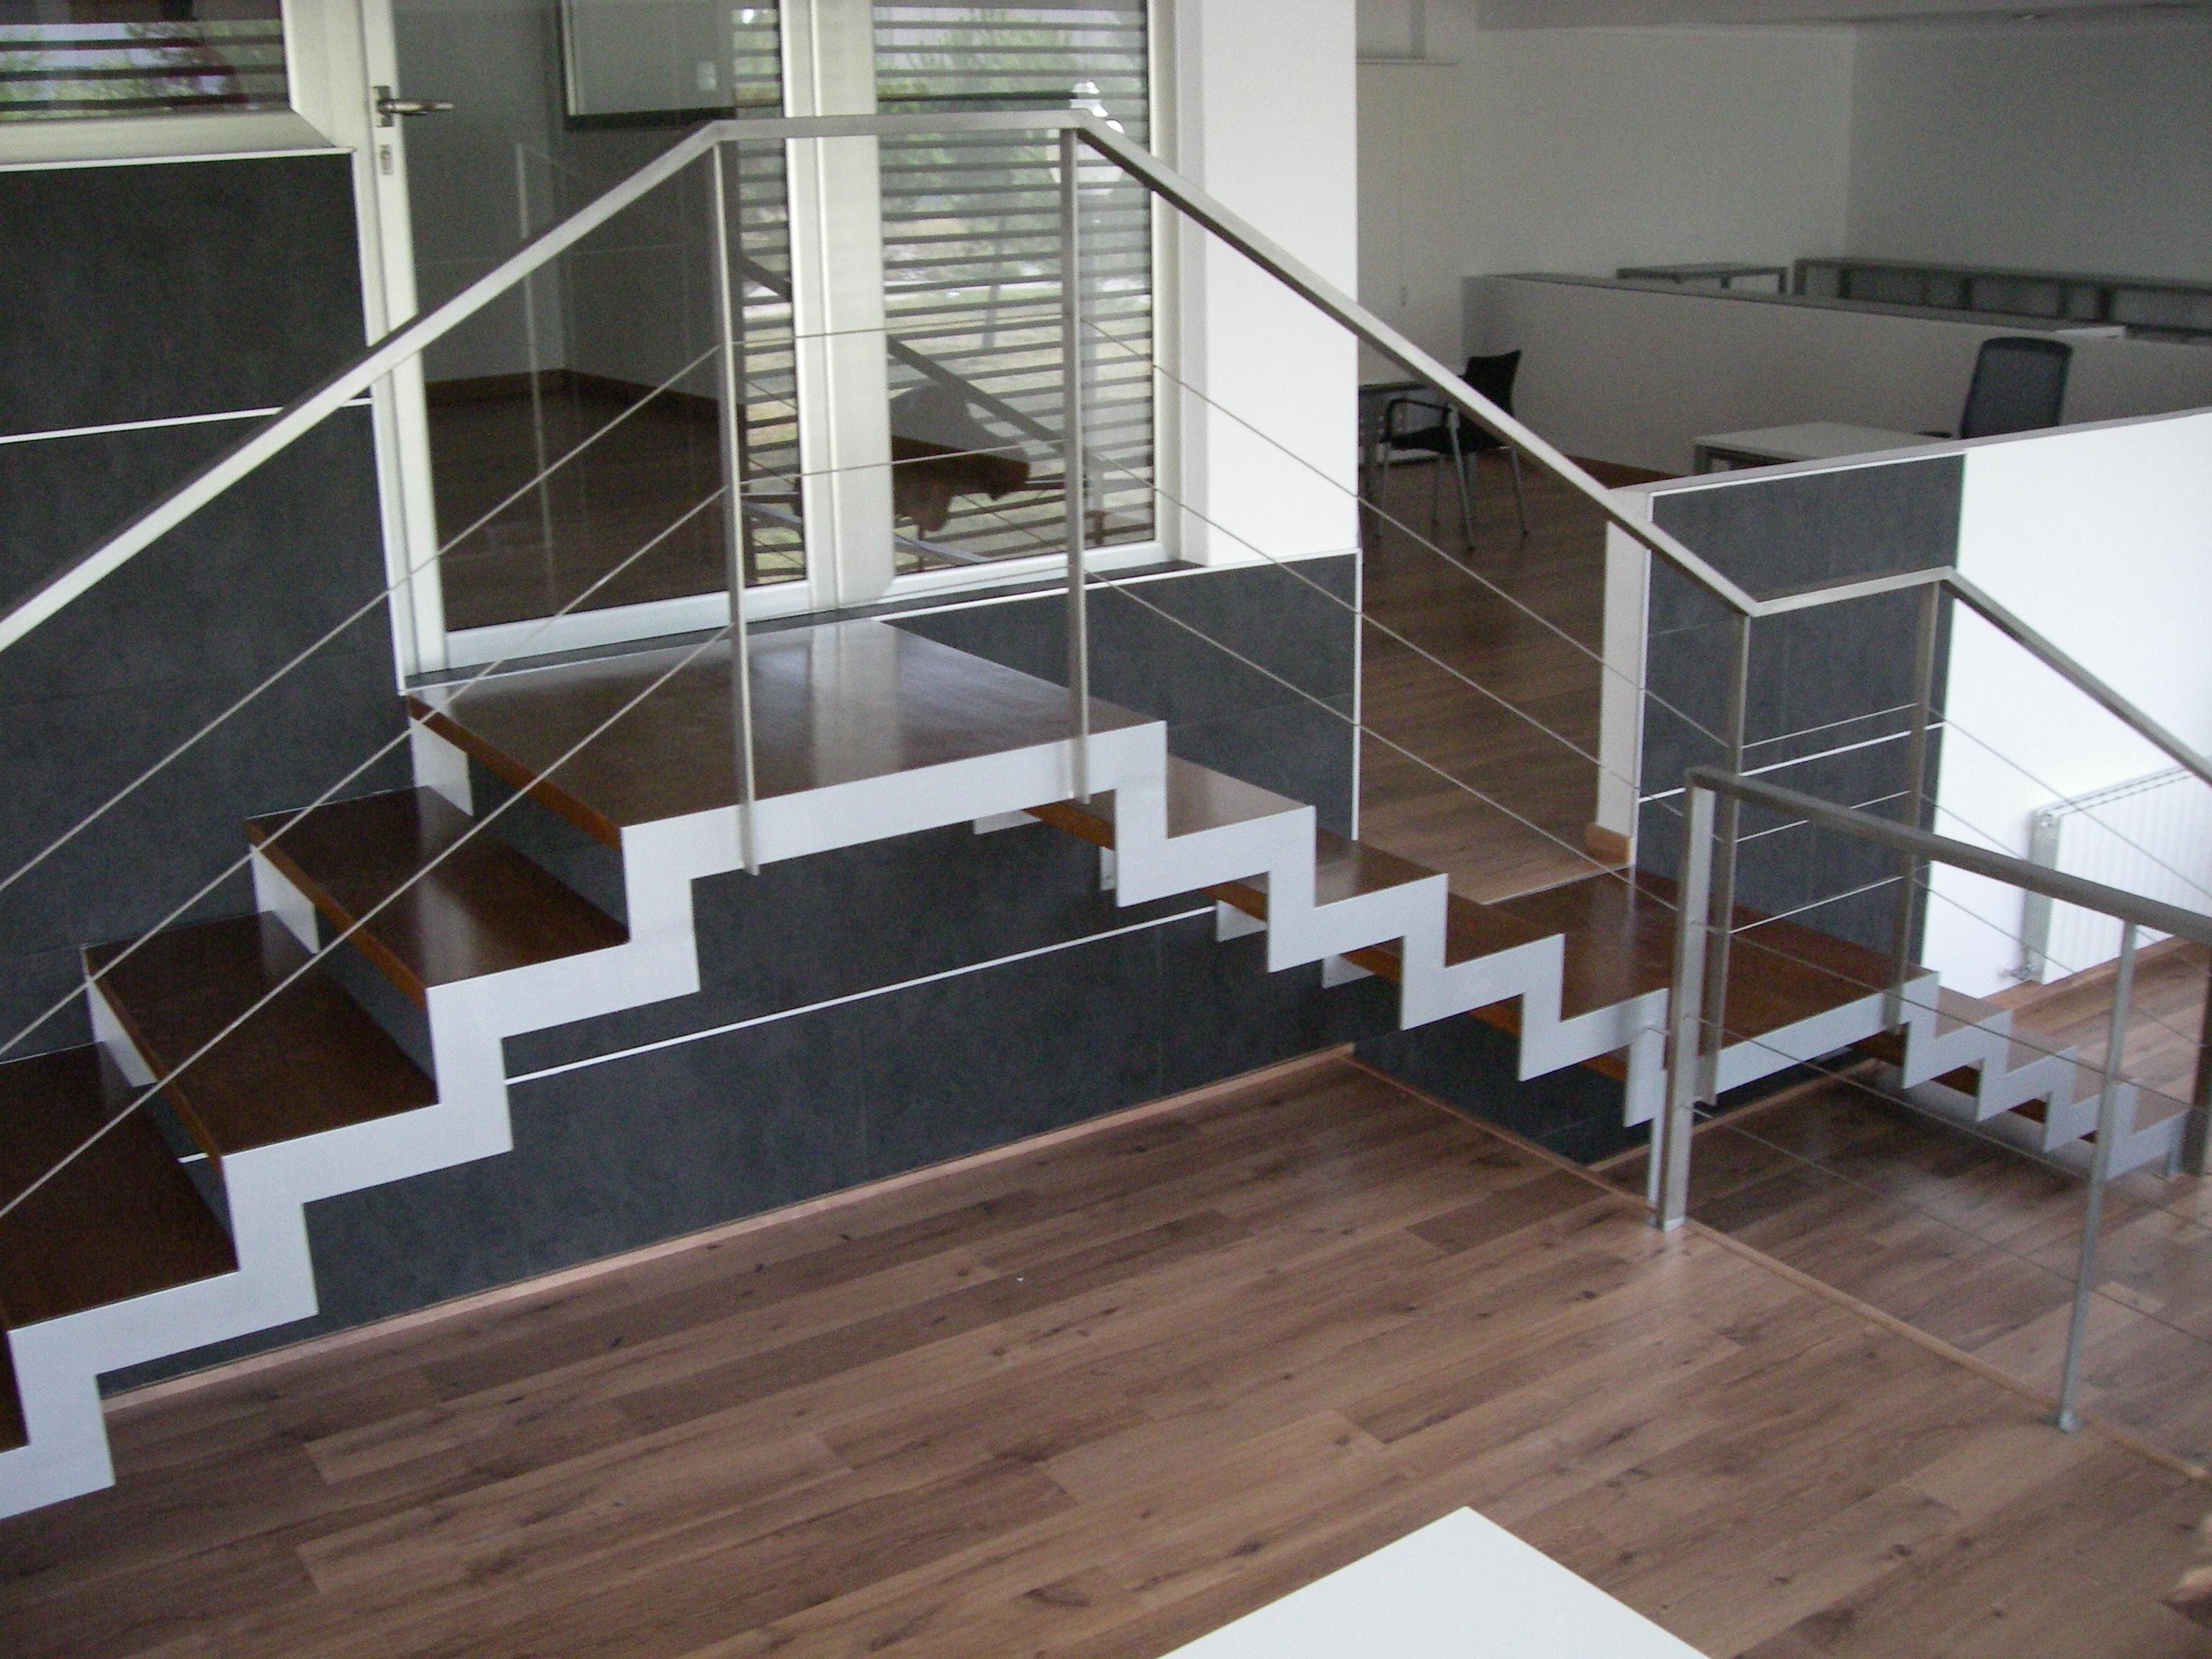 Instalaciones registro de la propiedad carpinter a for Oficinas del registro de la propiedad